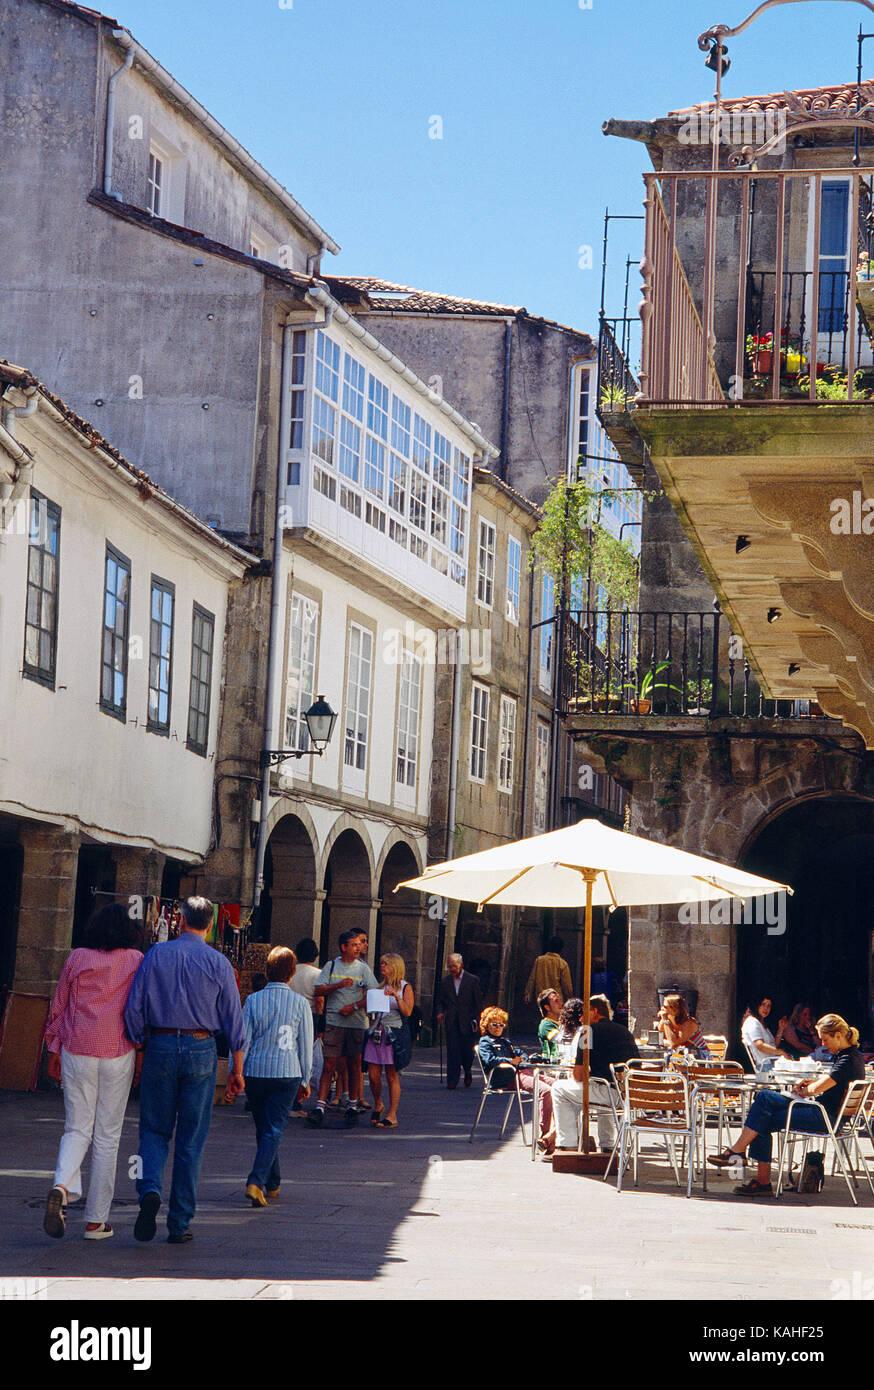 Rua del Villar. Santiago de Compostela, La Coruña province, Galicia, Spain. - Stock Image